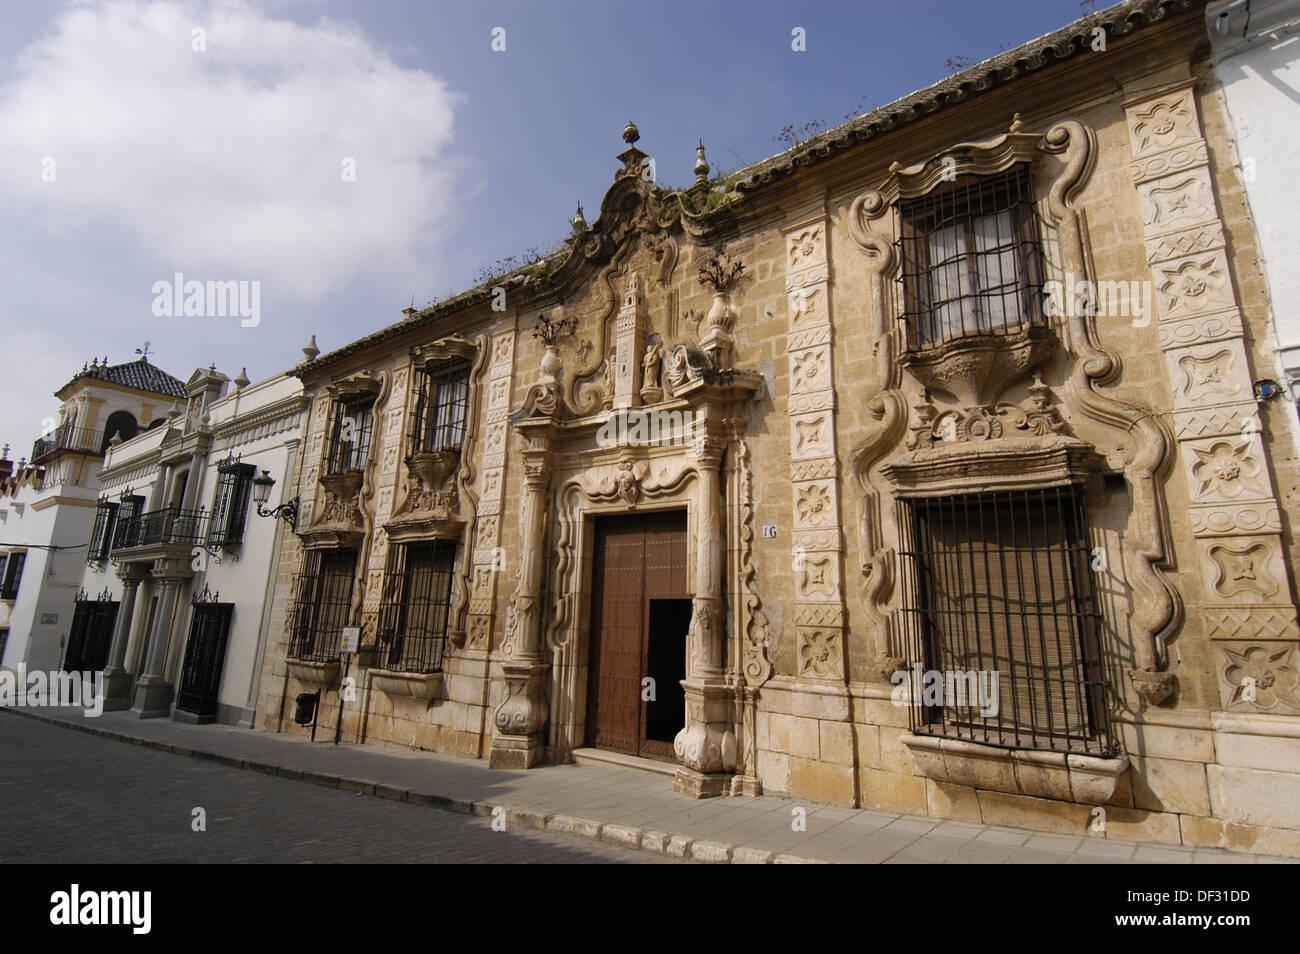 Fachada de la Cilla del Cabildo colegial. Osuna. Andalucia. España Imagen De Stock